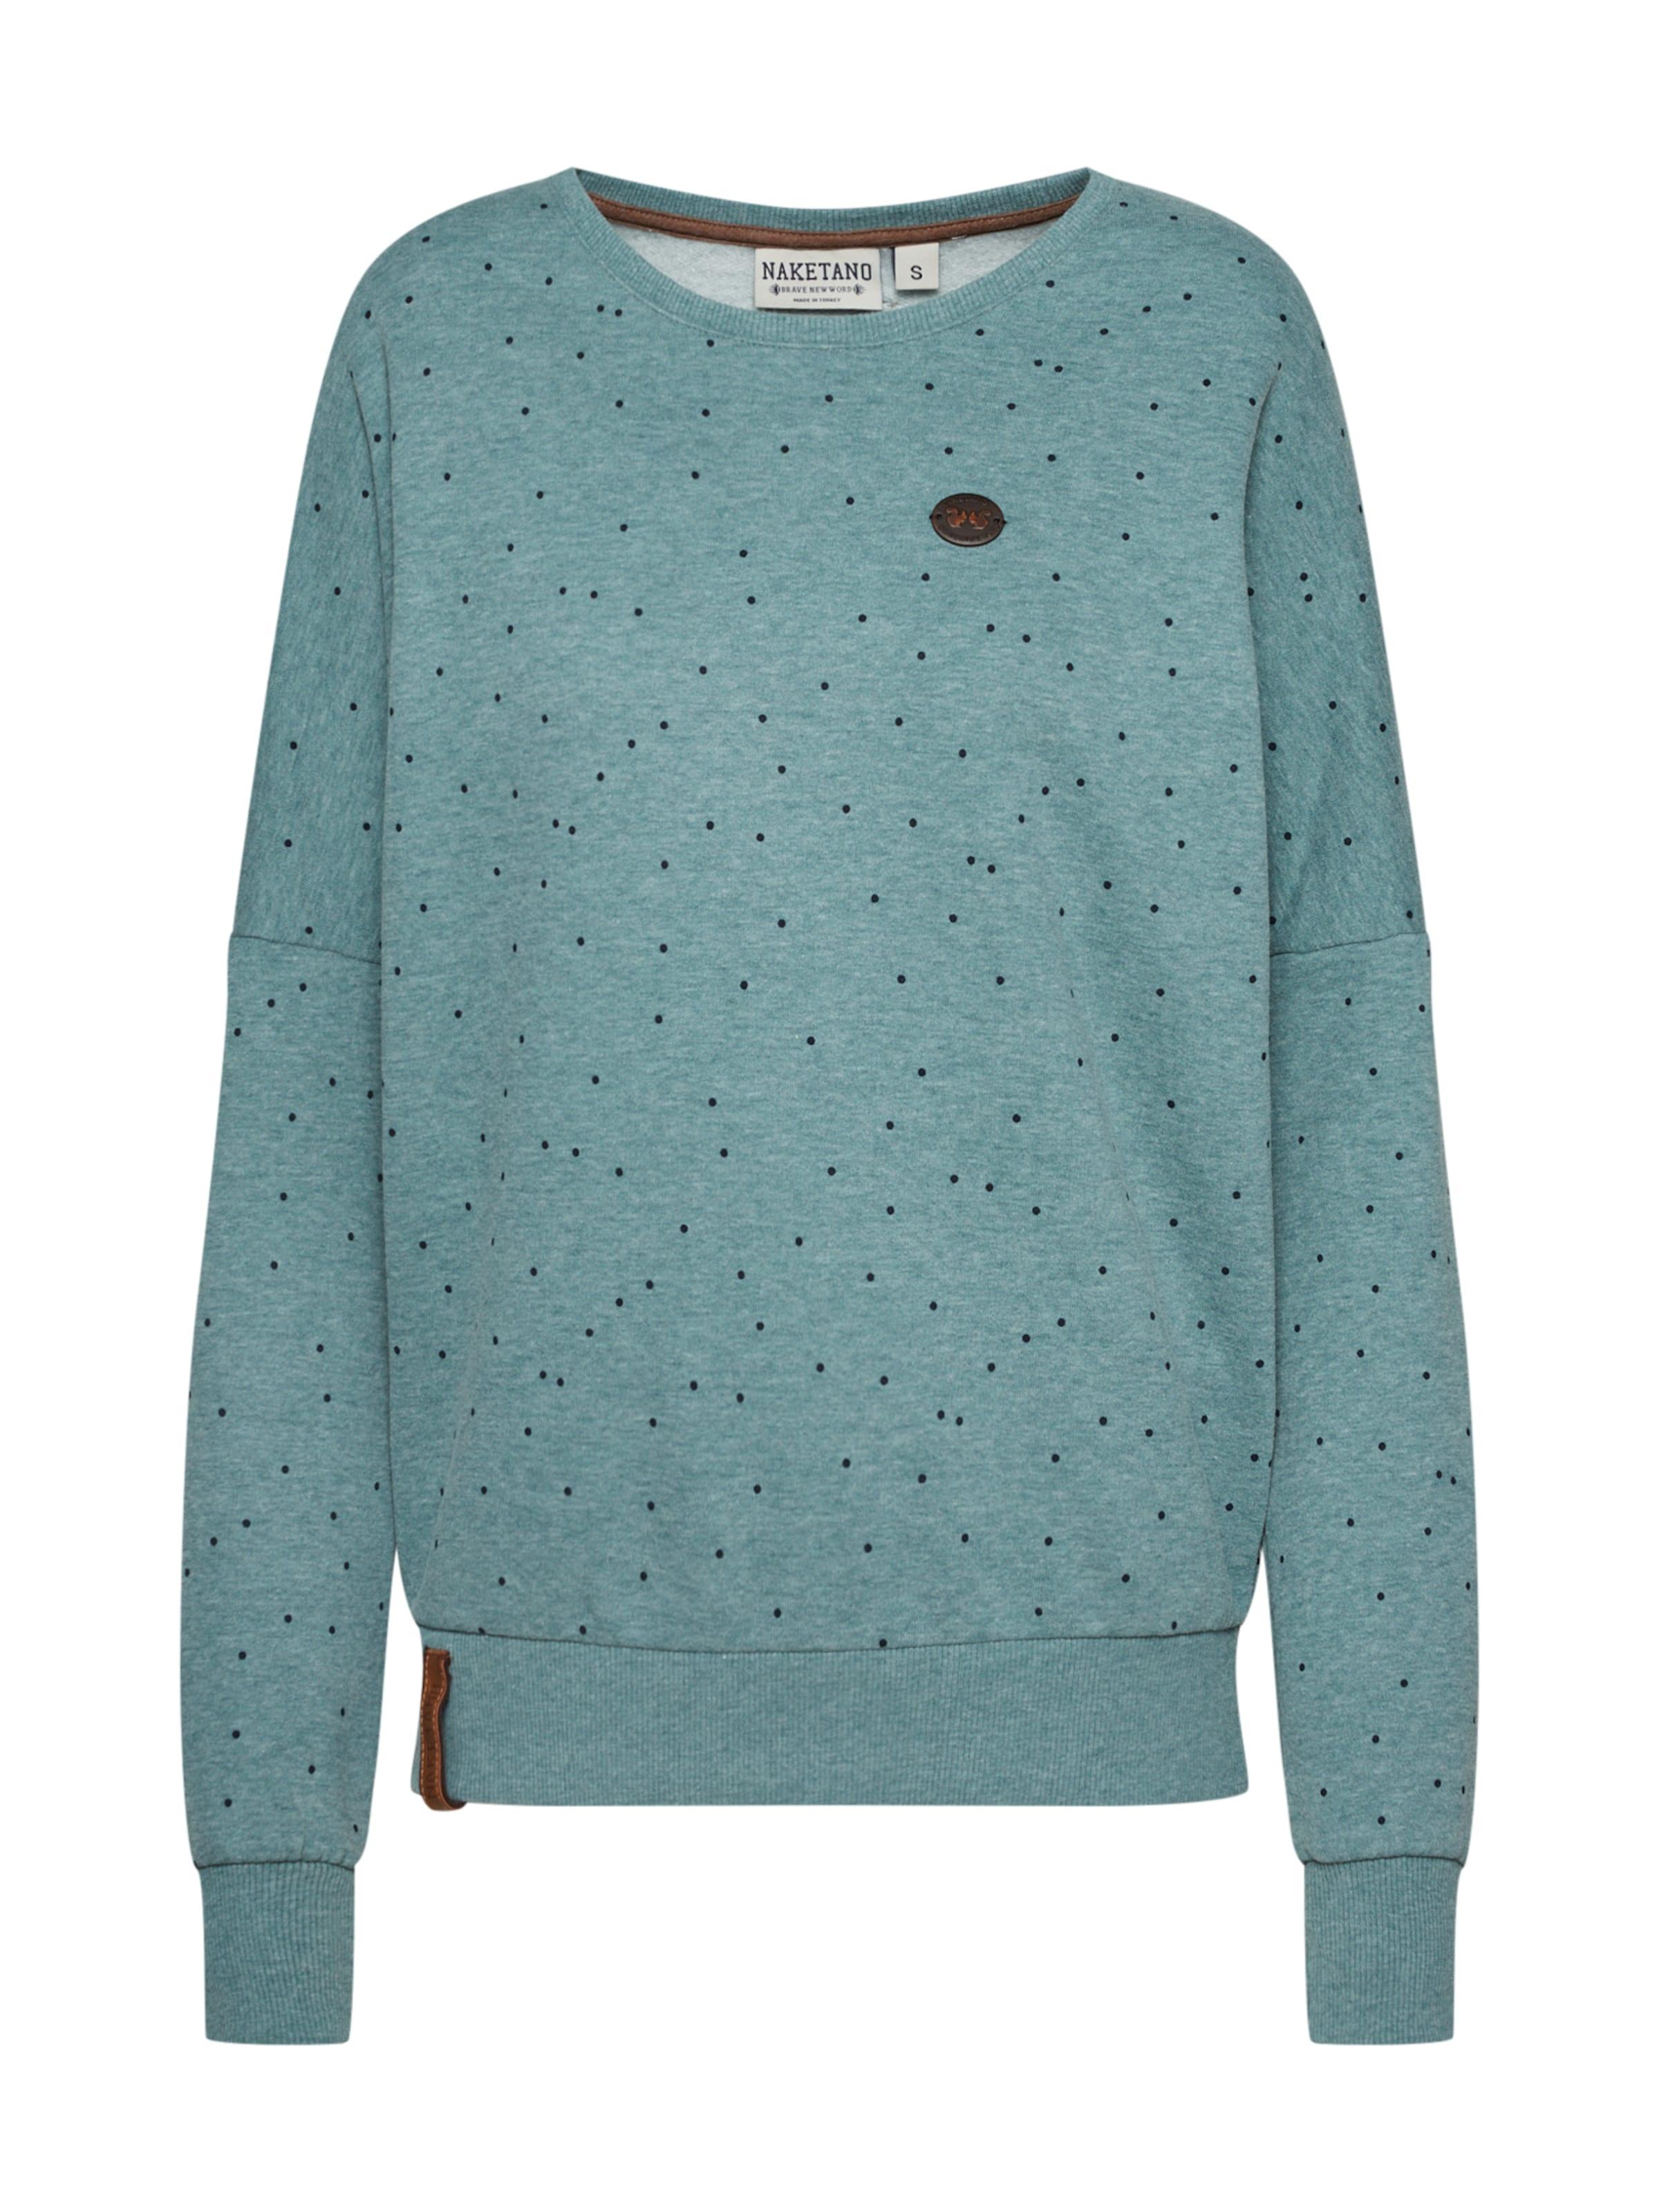 Naketano Chiné Twerk' 'twerk shirt Twerk NuitGris Sweat Bleu En 5Rq3ALj4